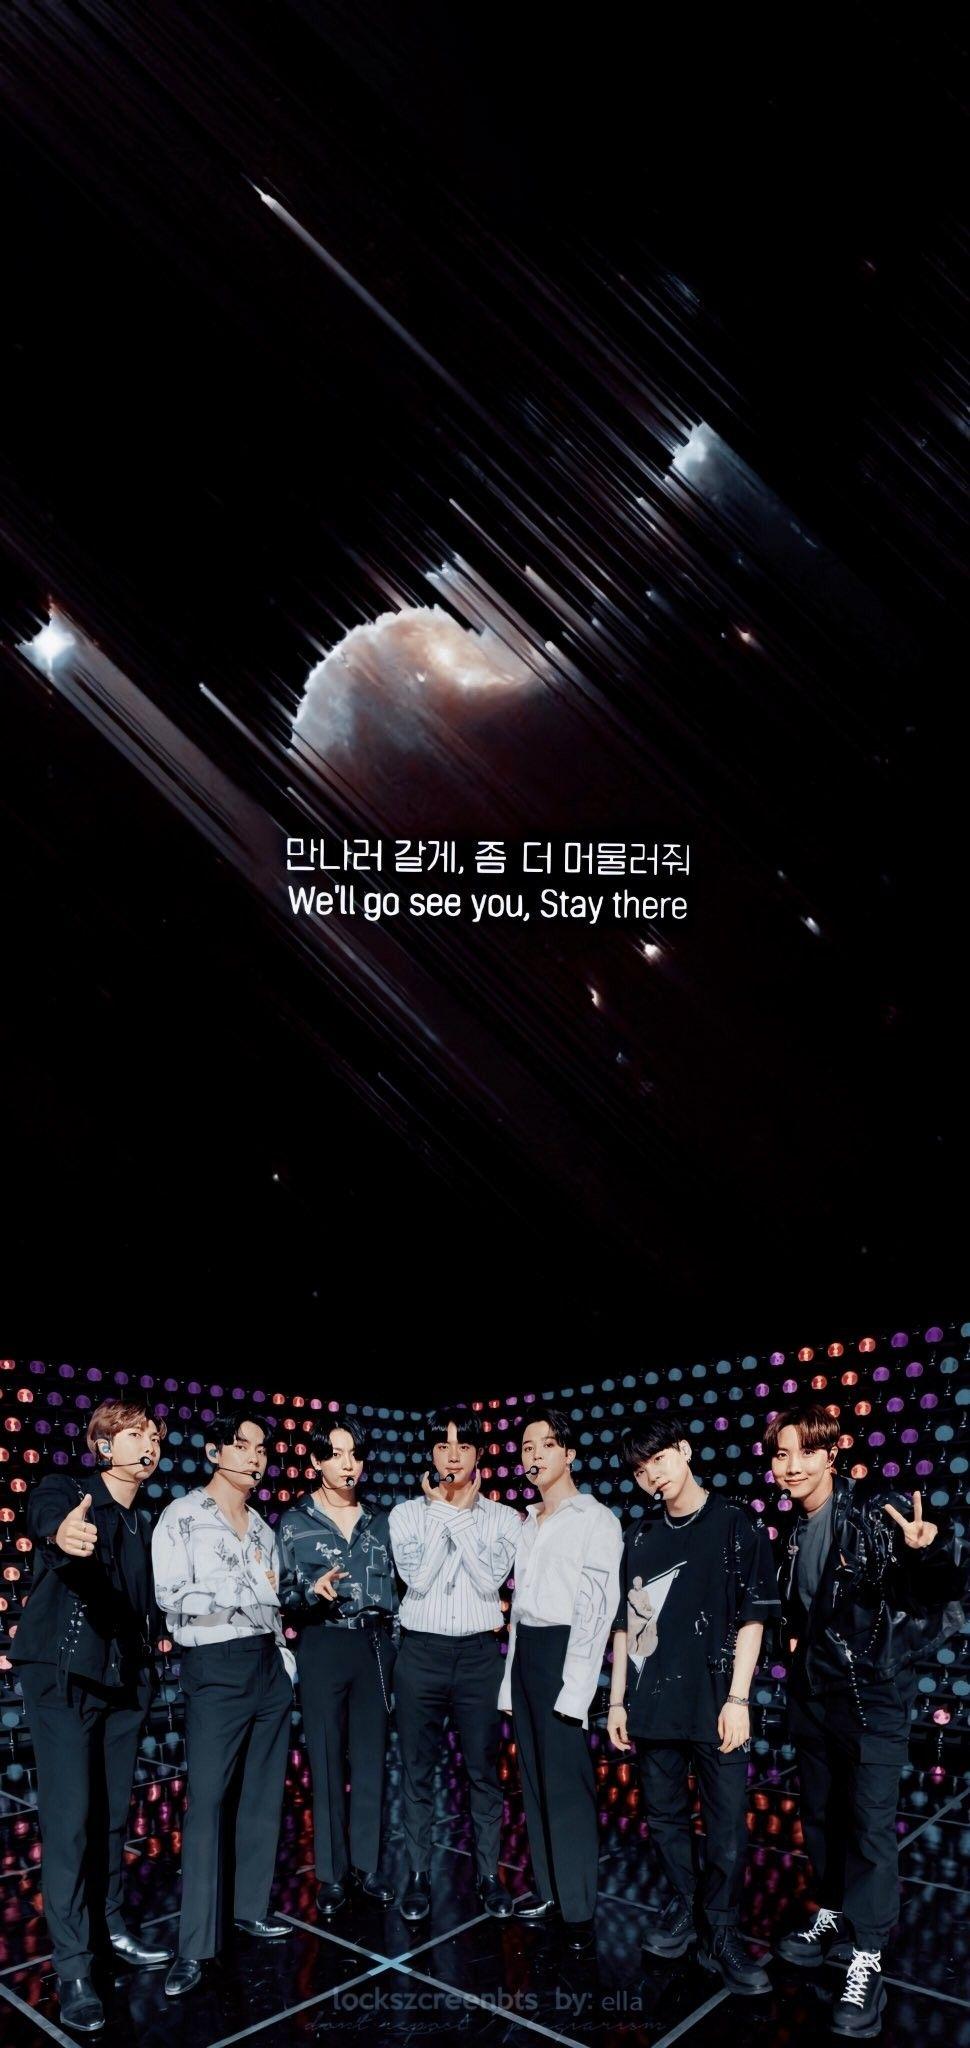 Bts Wallpaper Lockscreen Bangbangcon The Live In 2020 Foto Bts Bts Wallpaper Bts